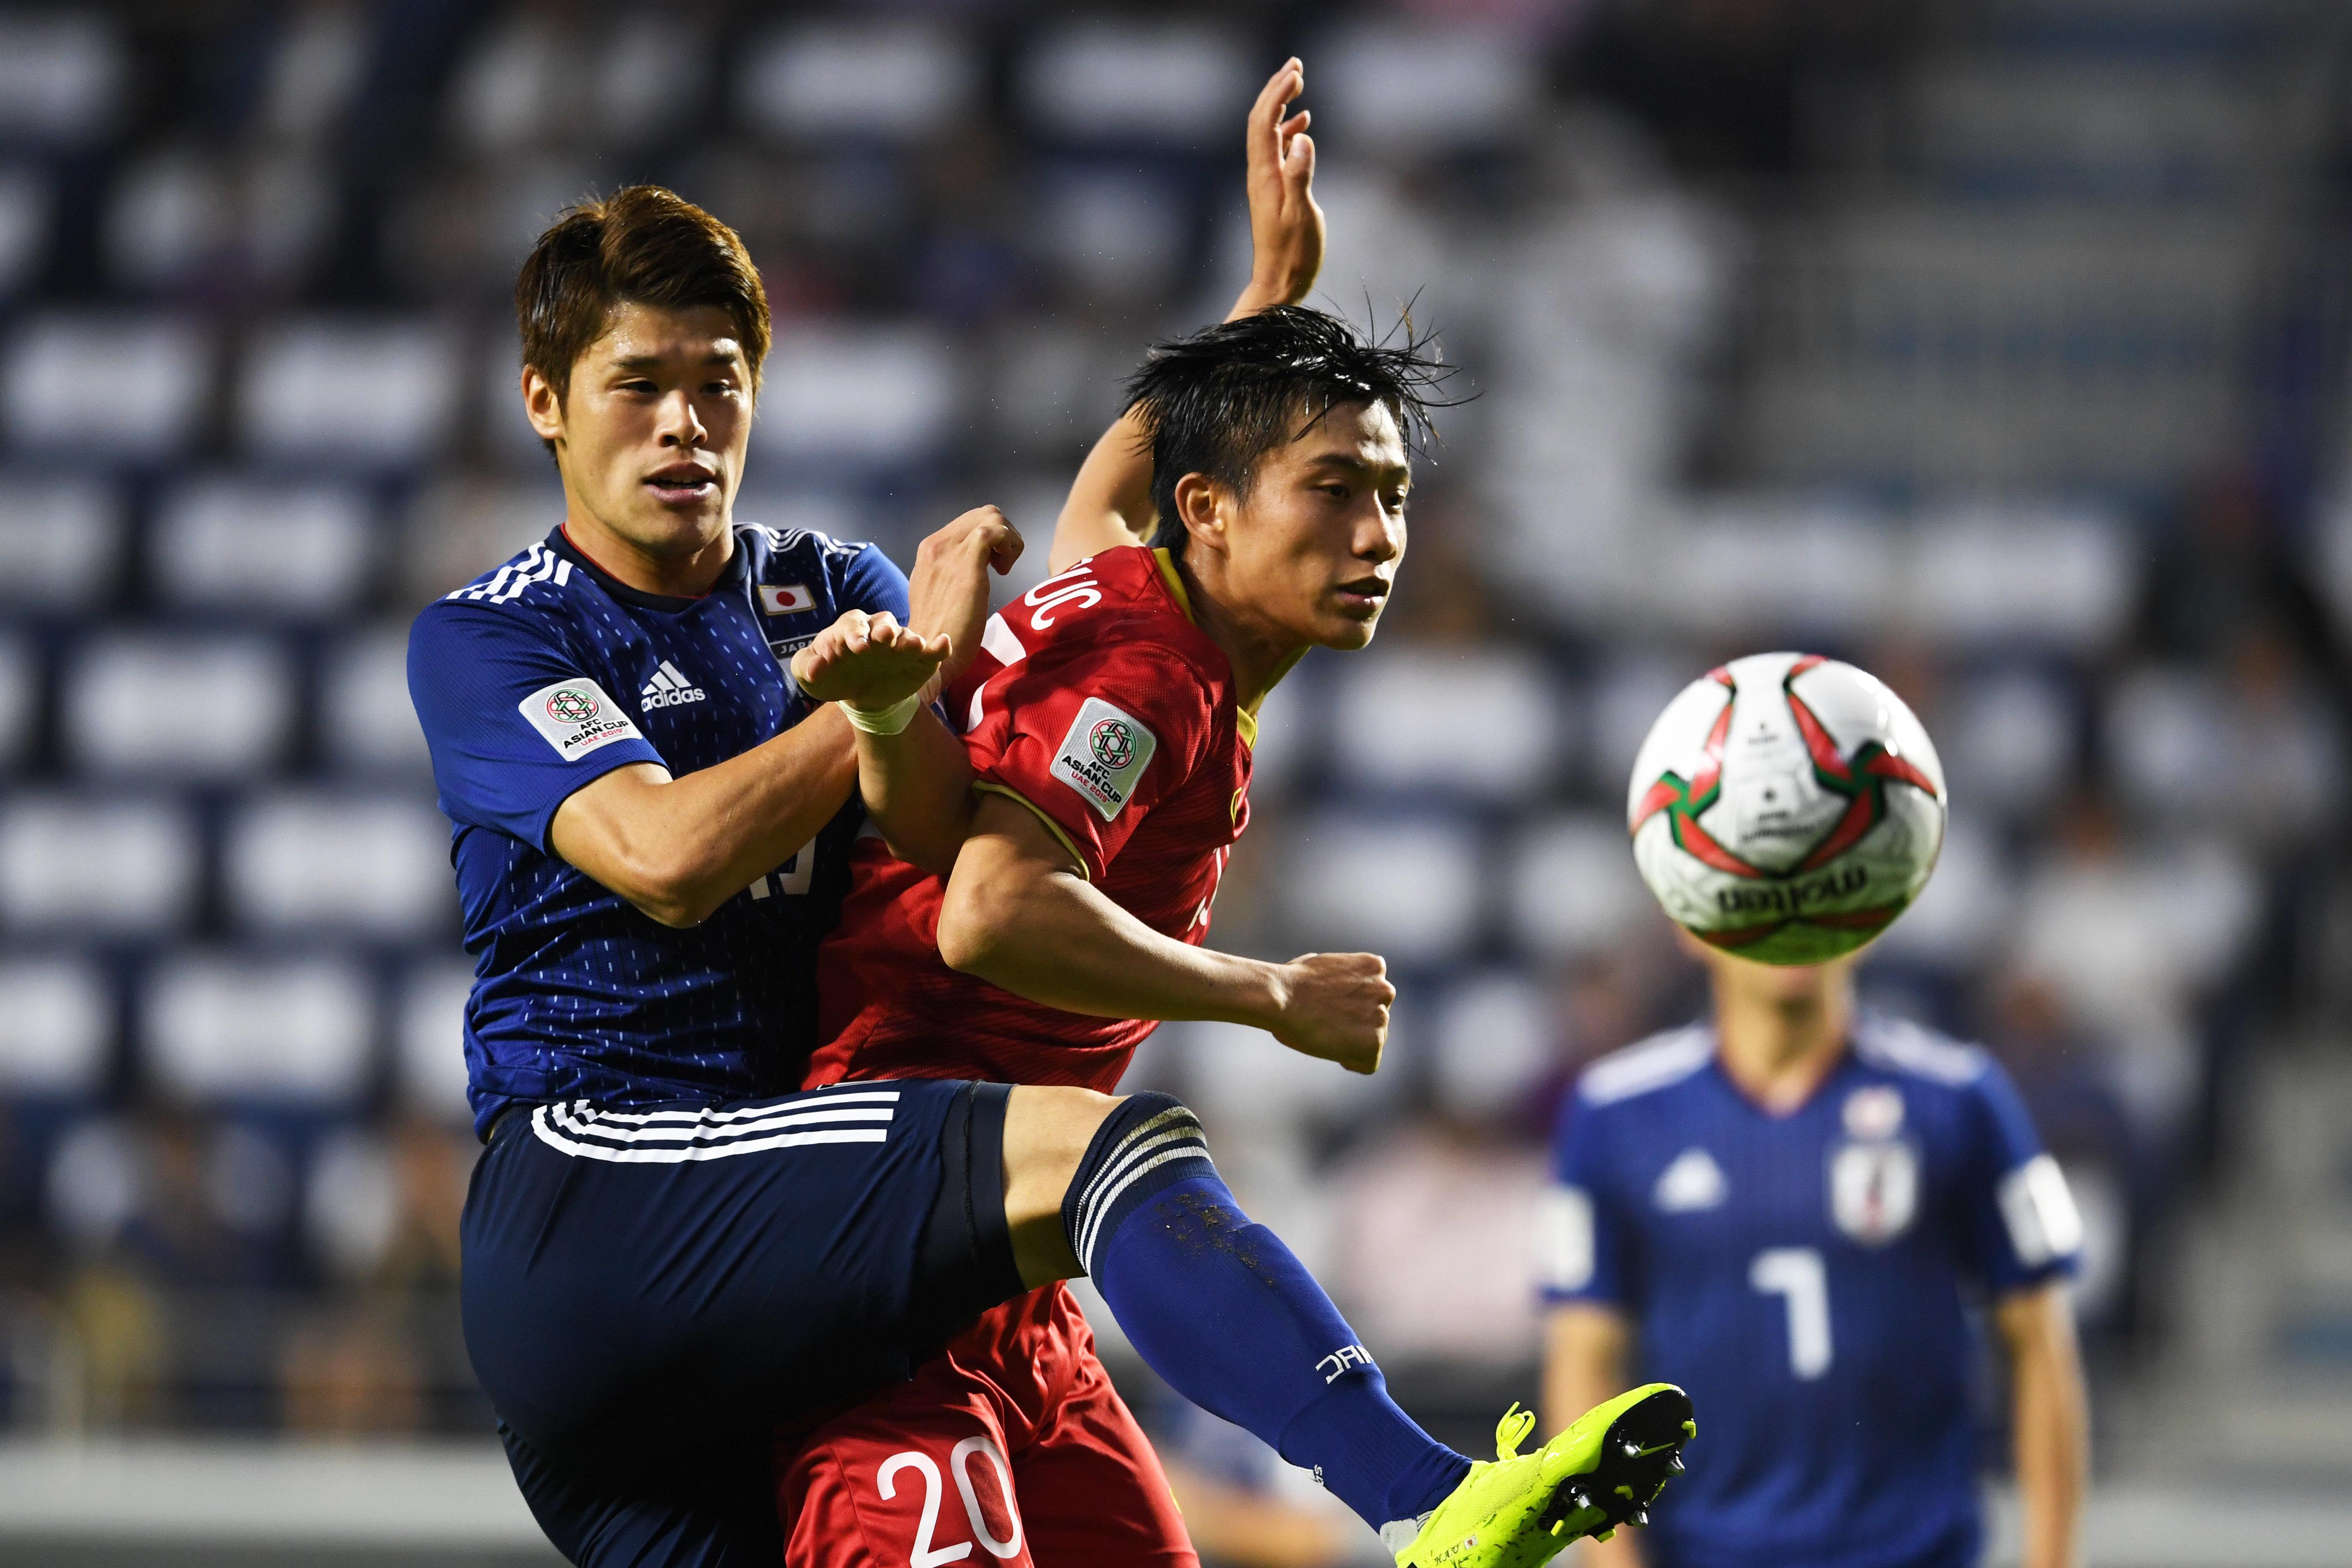 일본과 베트남 승리 가른 '비디오 판독'이 한국 경기에 미칠